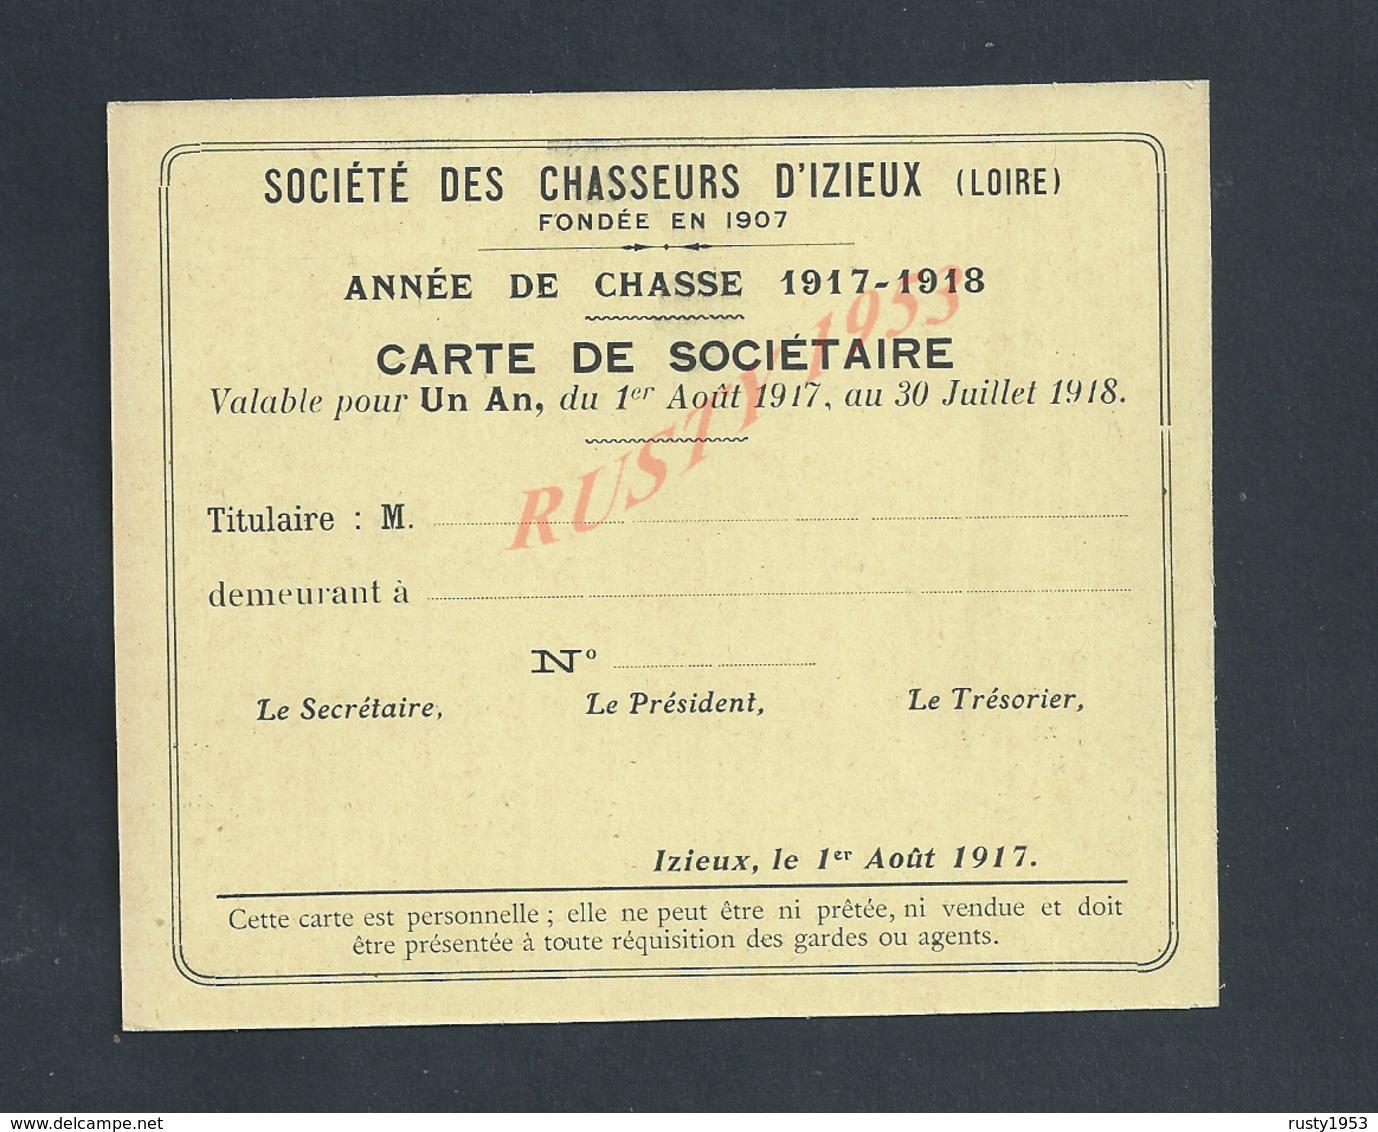 CATE DE SOCIÈTAIRE VIERGE SOCIÉTÉ DES CHASSEURS D IZIEUX ANNÉE DE CHASSE 1917/18 : - Autres